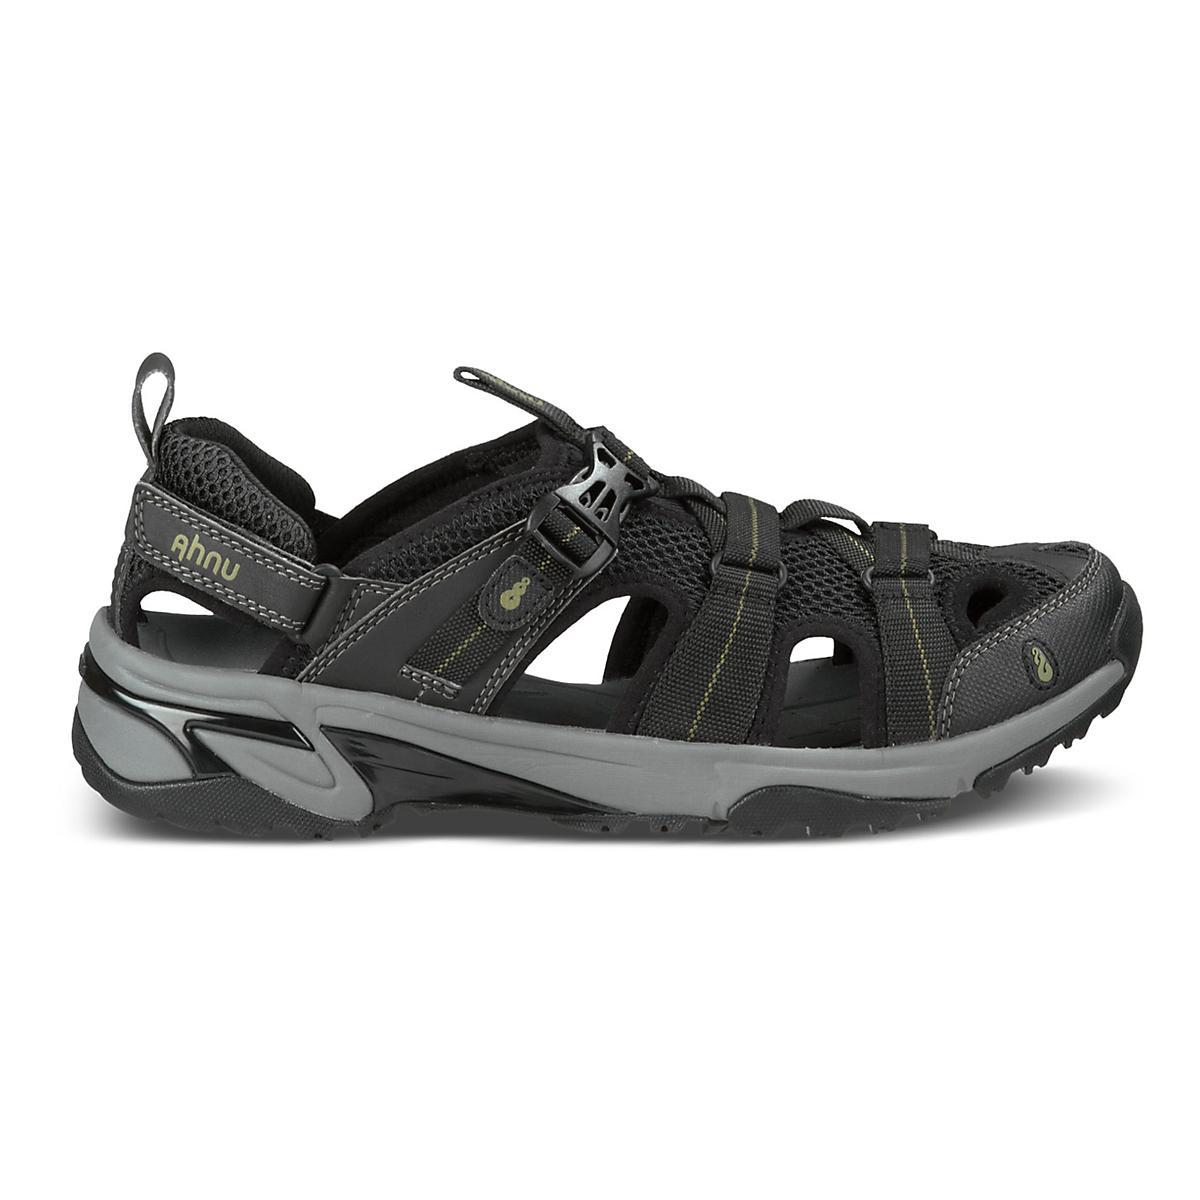 341b4a95c14 Mens Ahnu Del Rey Sandals Shoe at Road Runner Sports